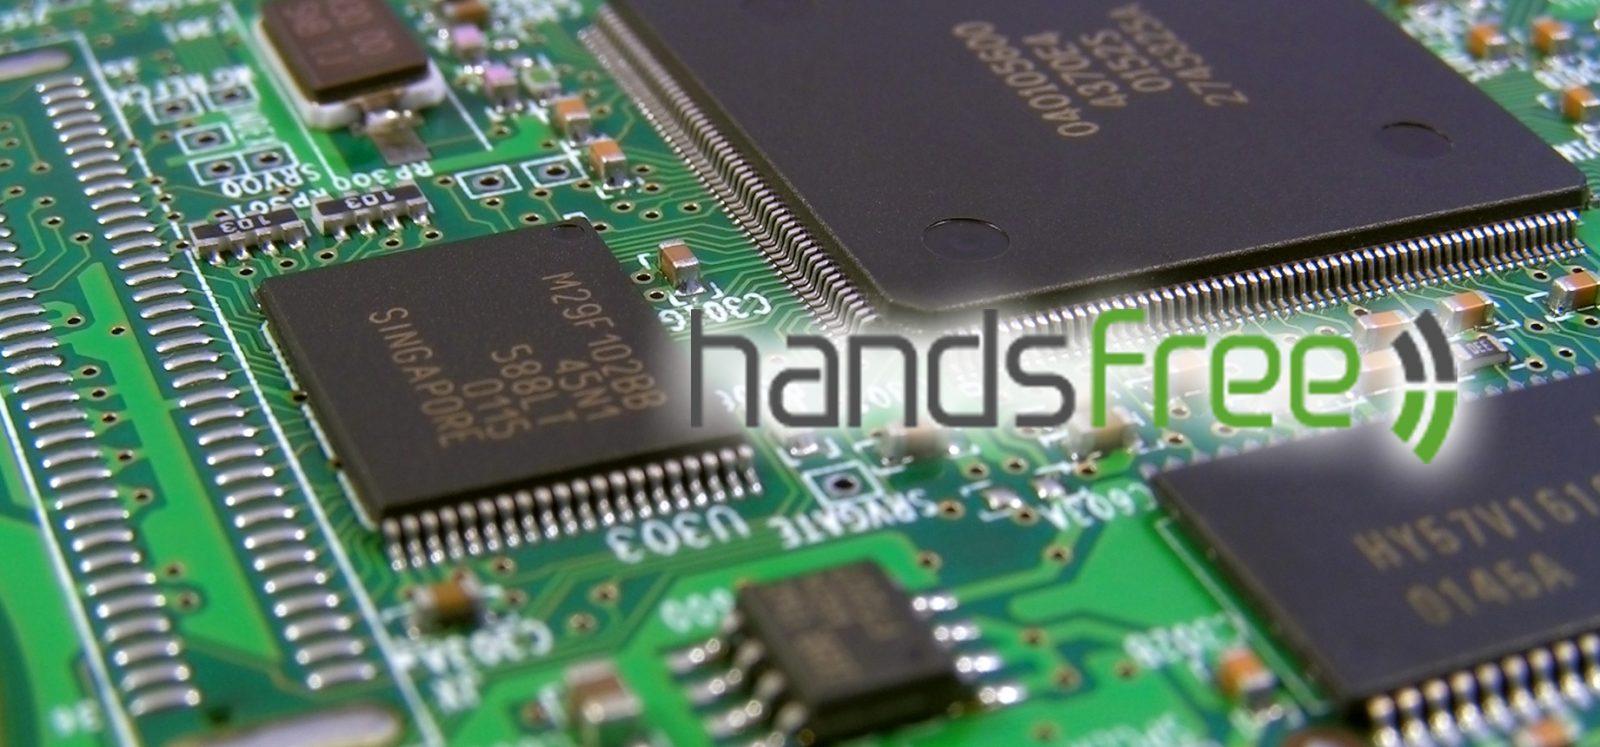 Handsfree | Fleet Communication, Driver Safety, Vehicle Installation